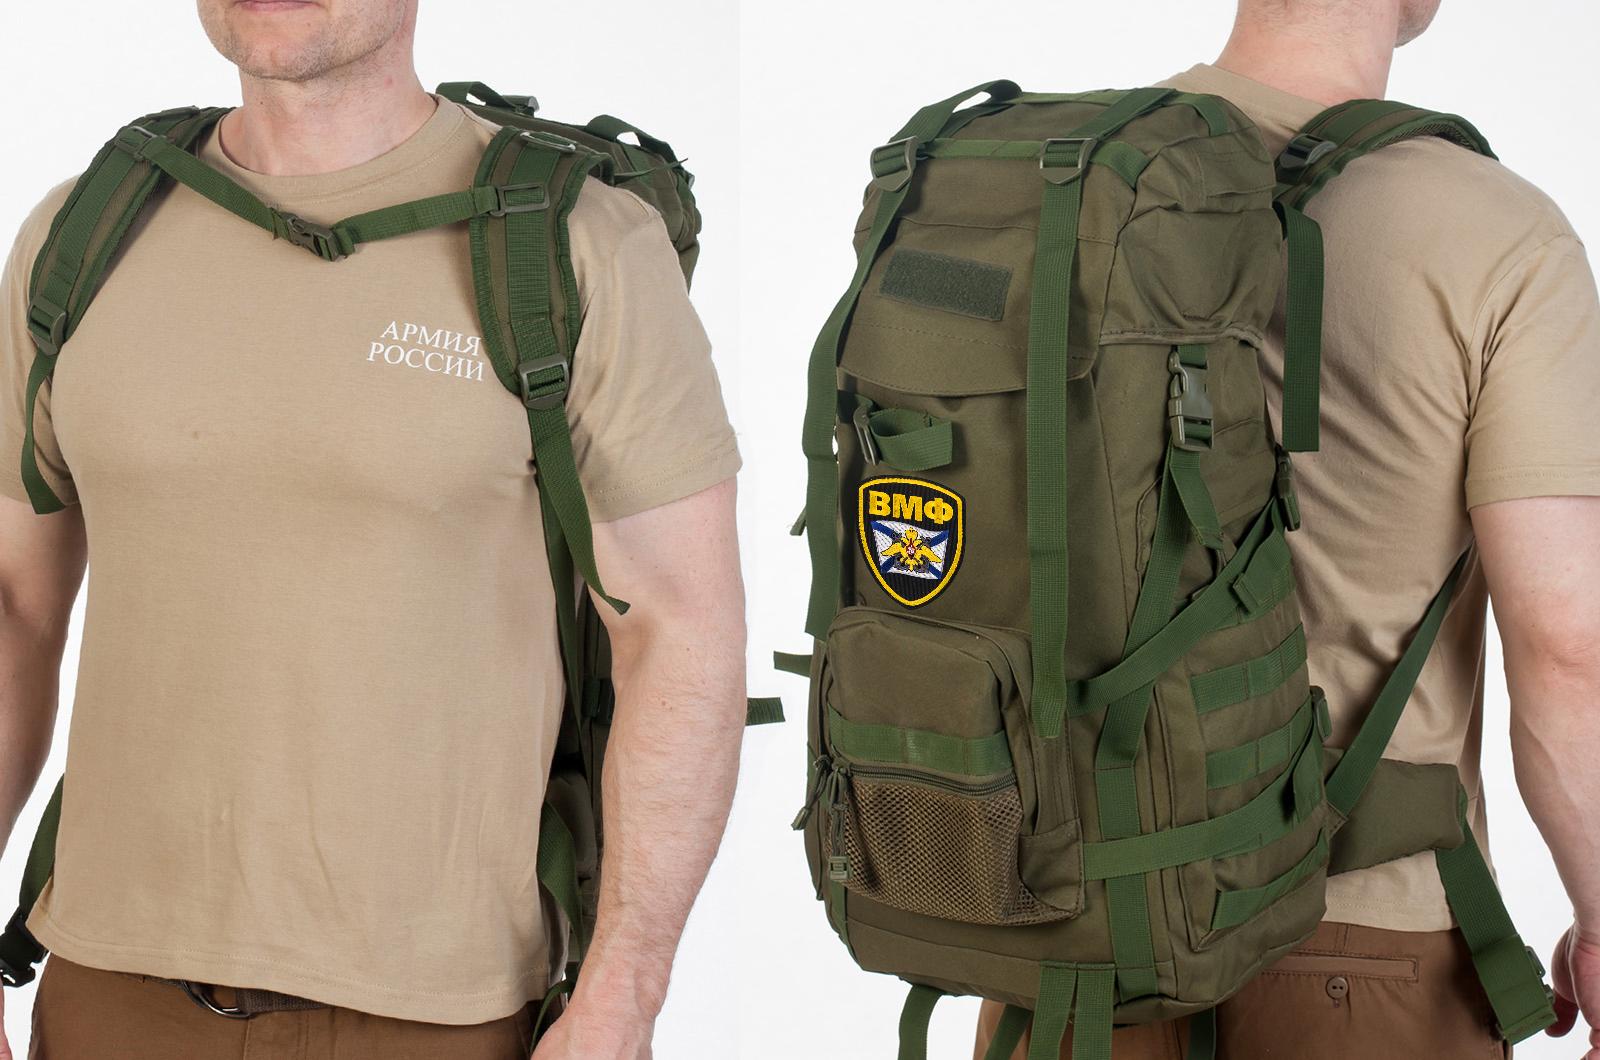 Мужской рейдовый рюкзак с нашивкой ВМФ - купить по лучшей цене